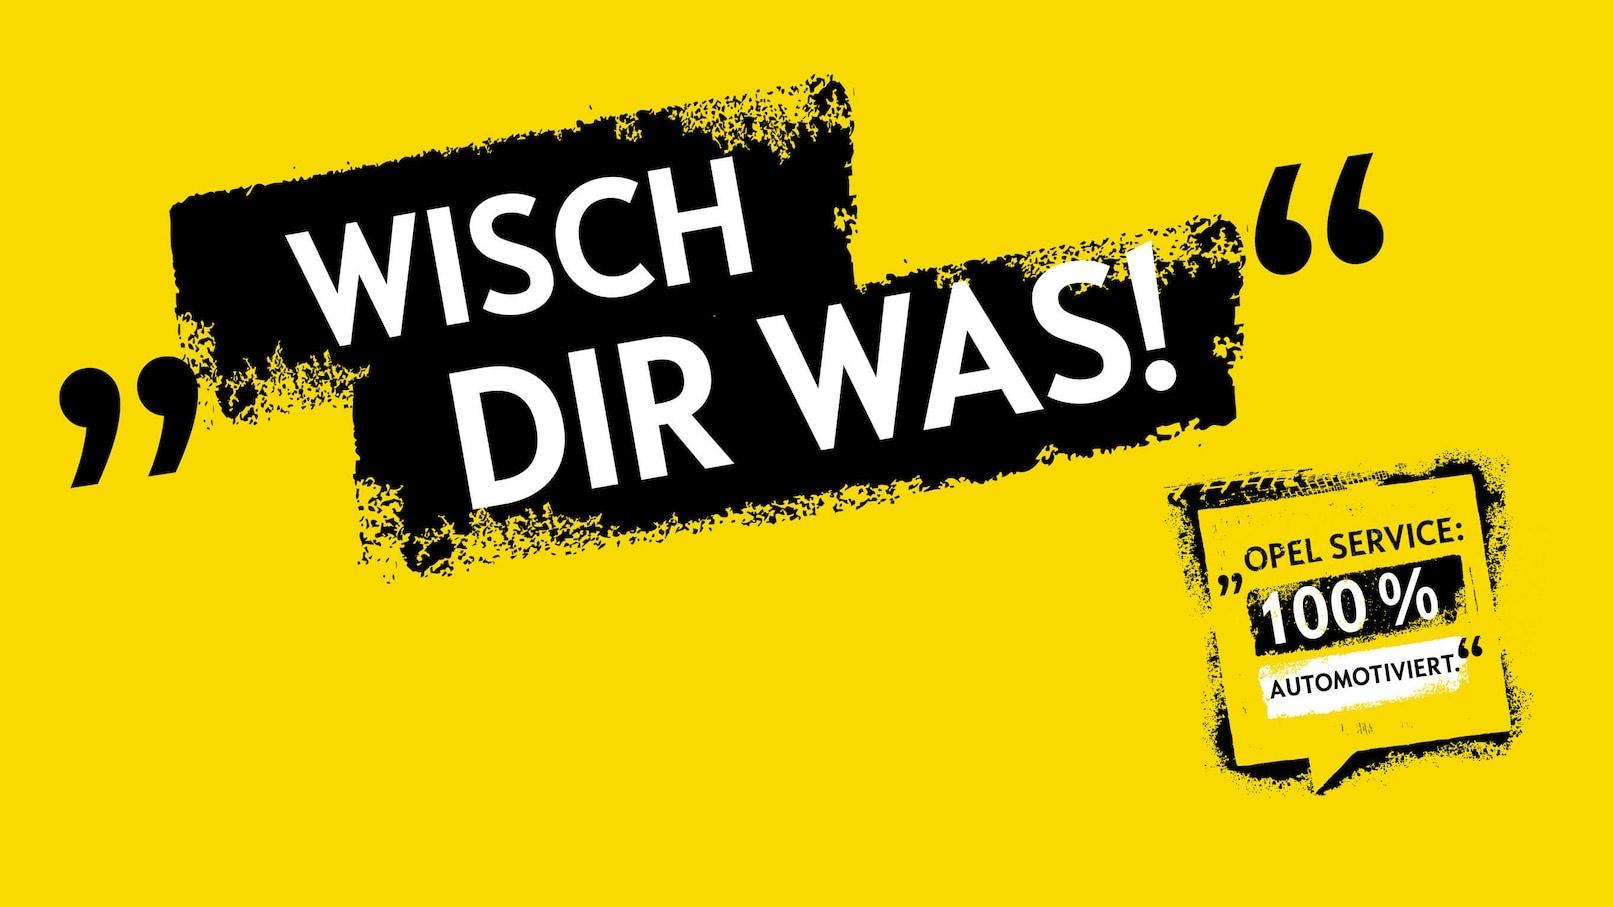 Opel Original Scheibenwischer ab 9,99€ inkl. Check